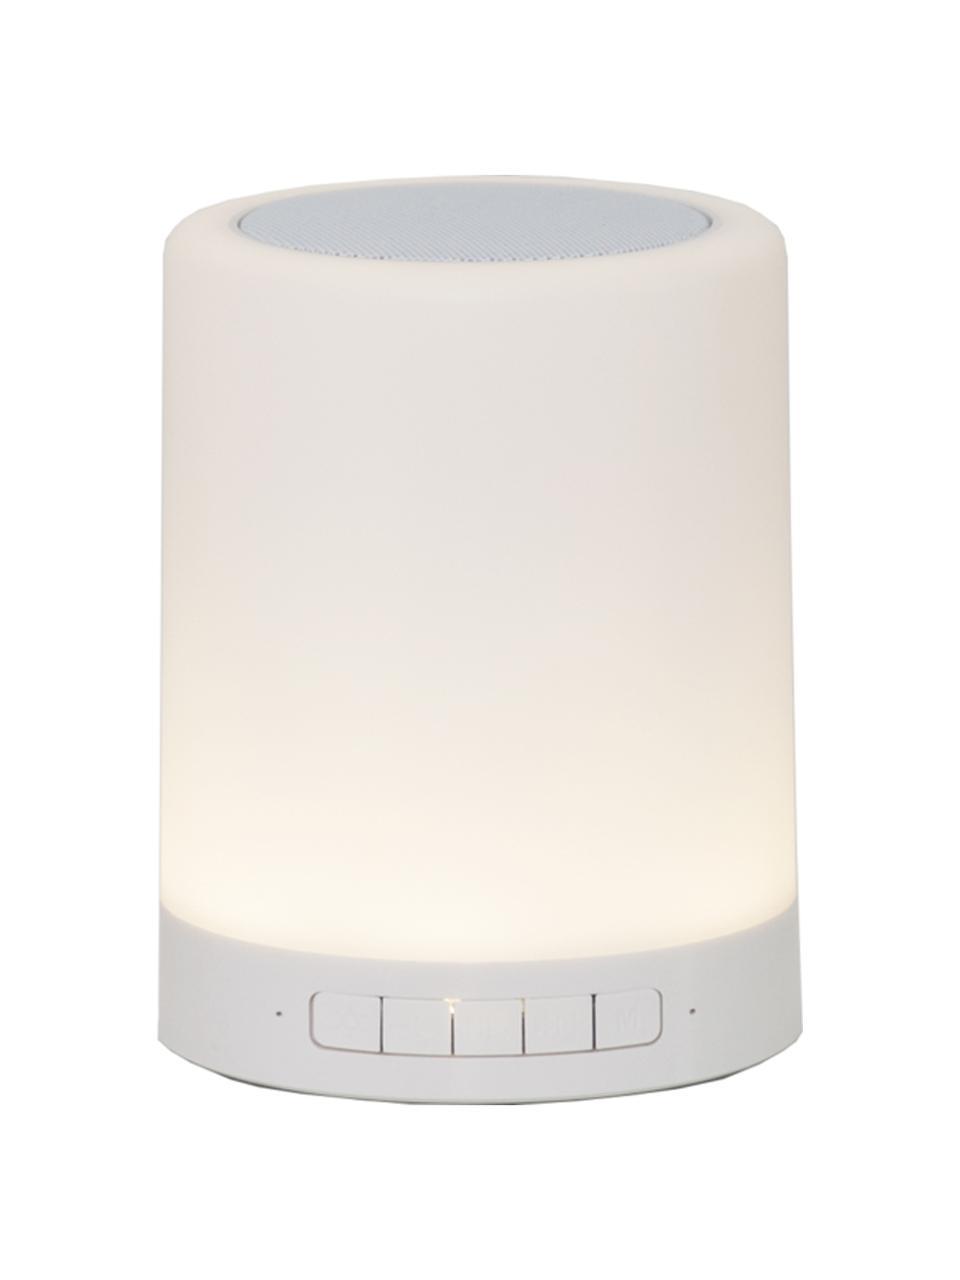 Mobile Dimmbare Außenleuchte Loli mit Lautsprecher und Farbwechsel zum Hängen oder Stellen, Lampenschirm: Kunststoff, Weiß, Ø 9 x H 13 cm